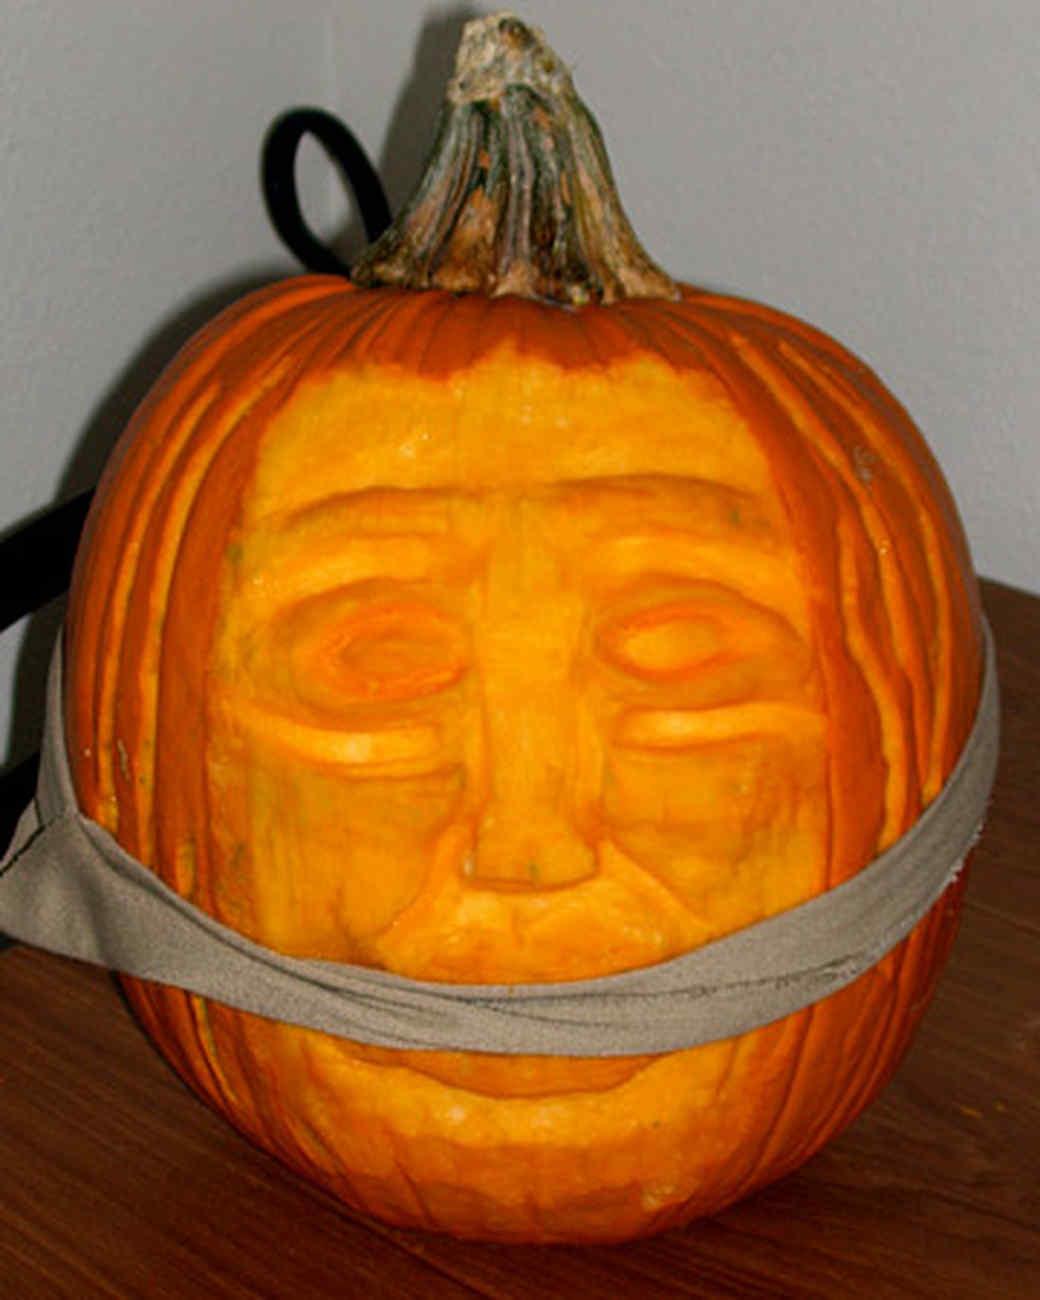 ransom_pumpkin.jpg